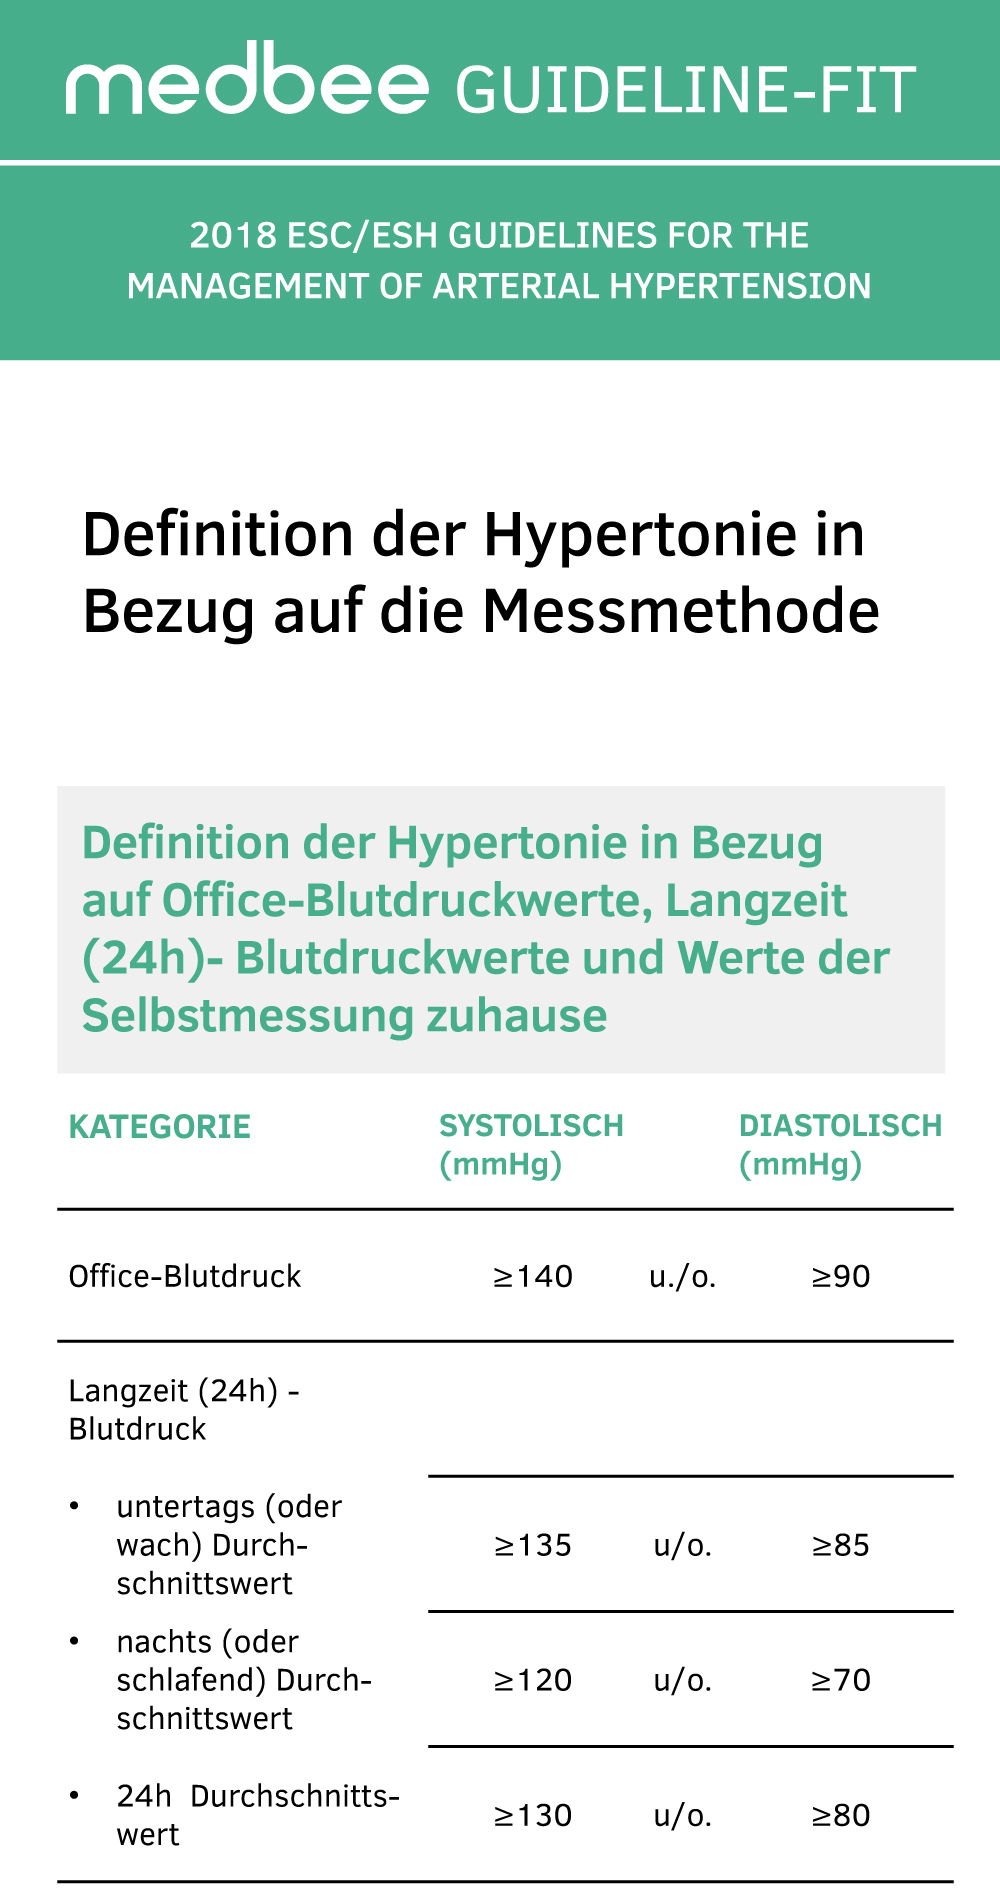 Arterielle Hypertonie GUIDELINE-FIT 06